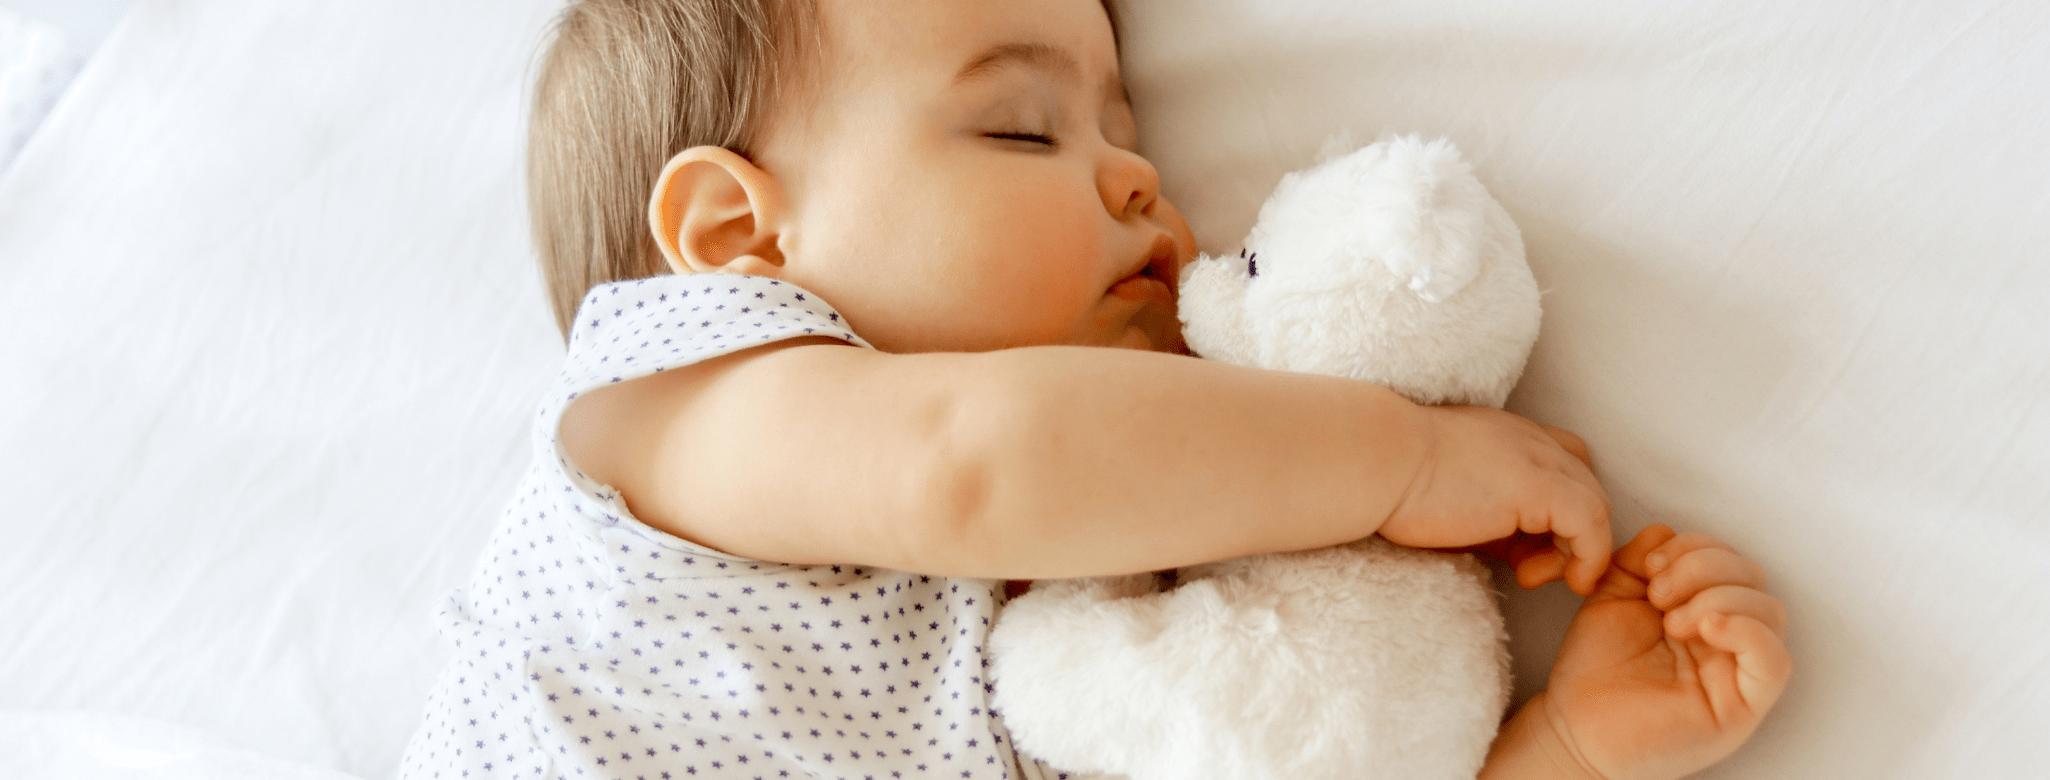 Zastanawiasz się jaki jest najlepszy prezent na dzień dziecka? Dlaczego nie przytulanka